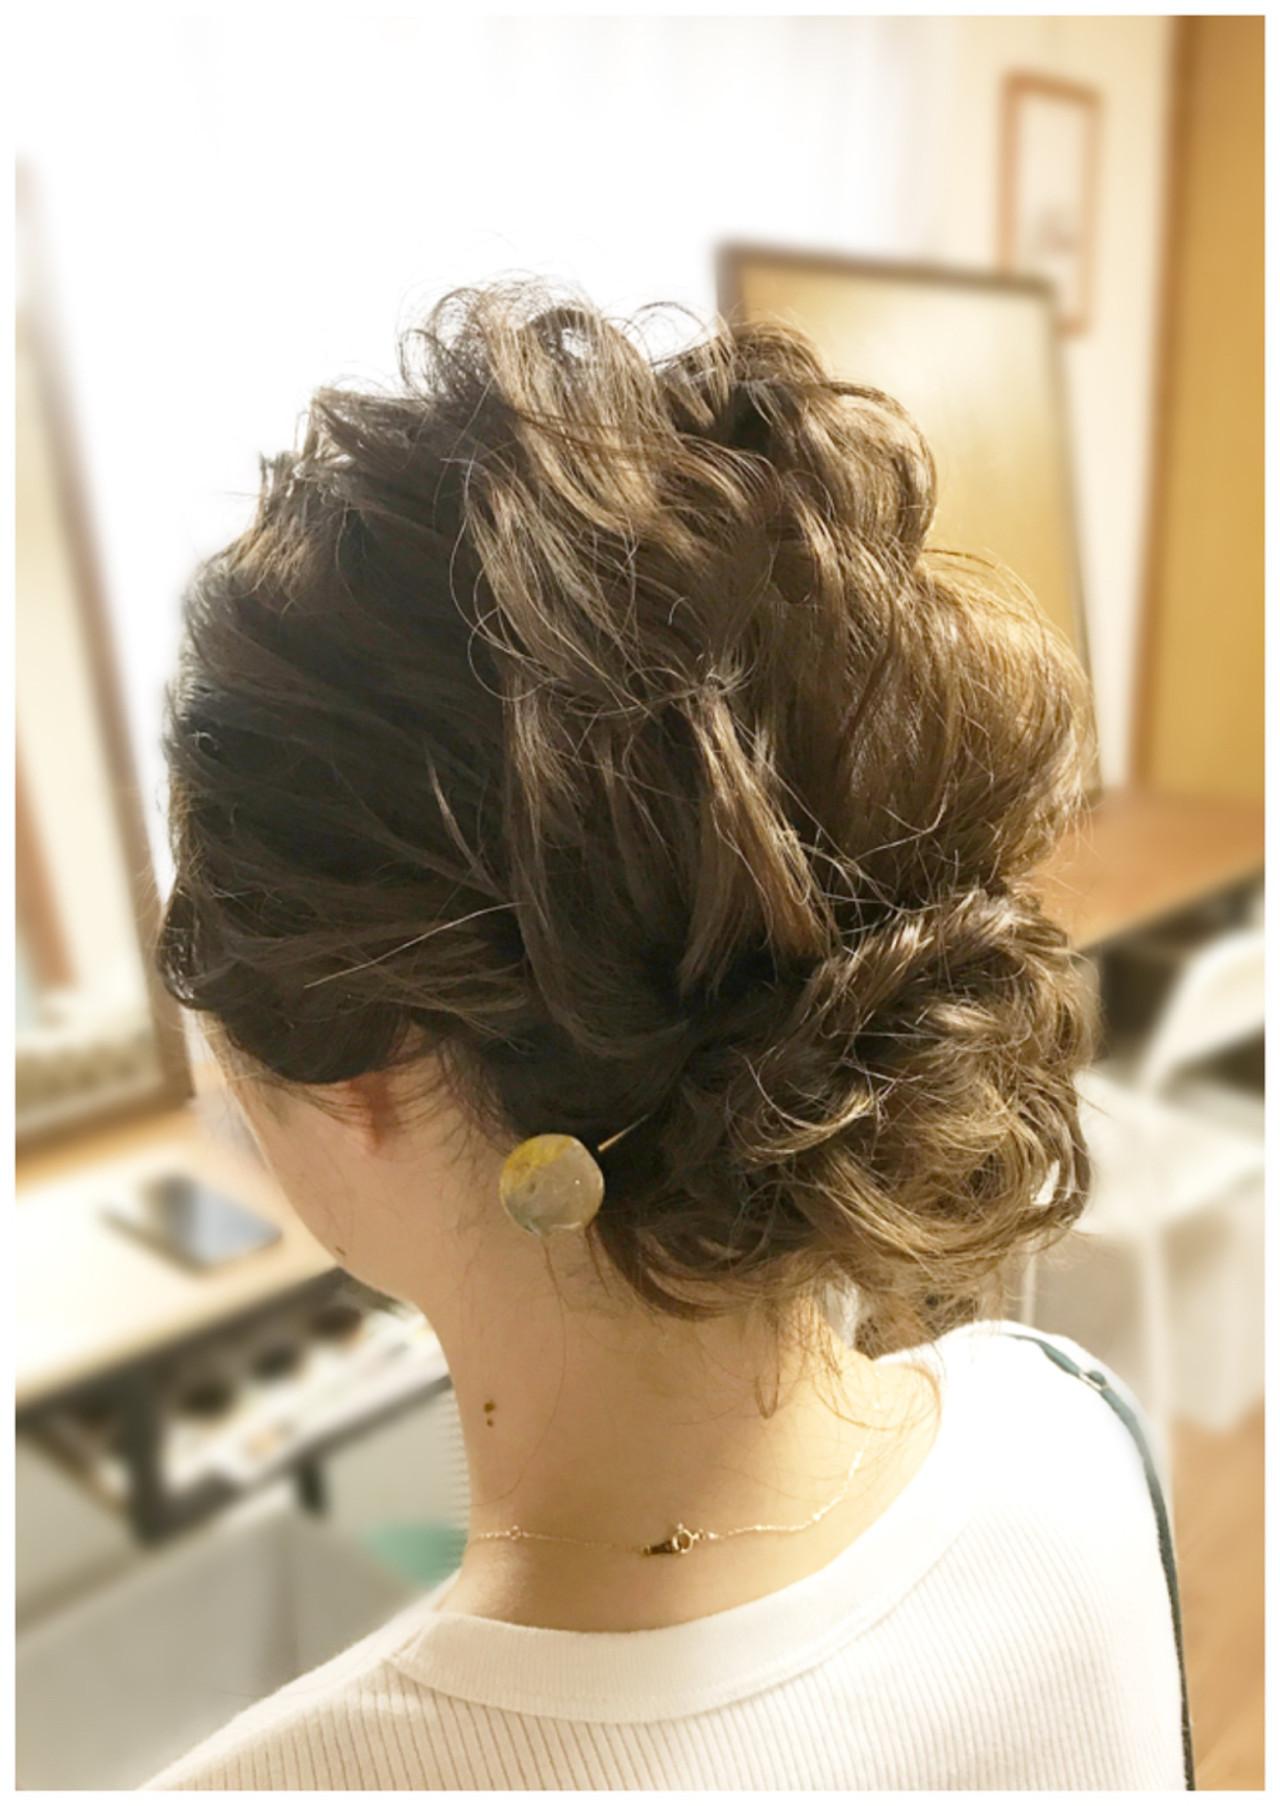 ナチュラル ミディアム まとめ髪 パーティ ヘアスタイルや髪型の写真・画像